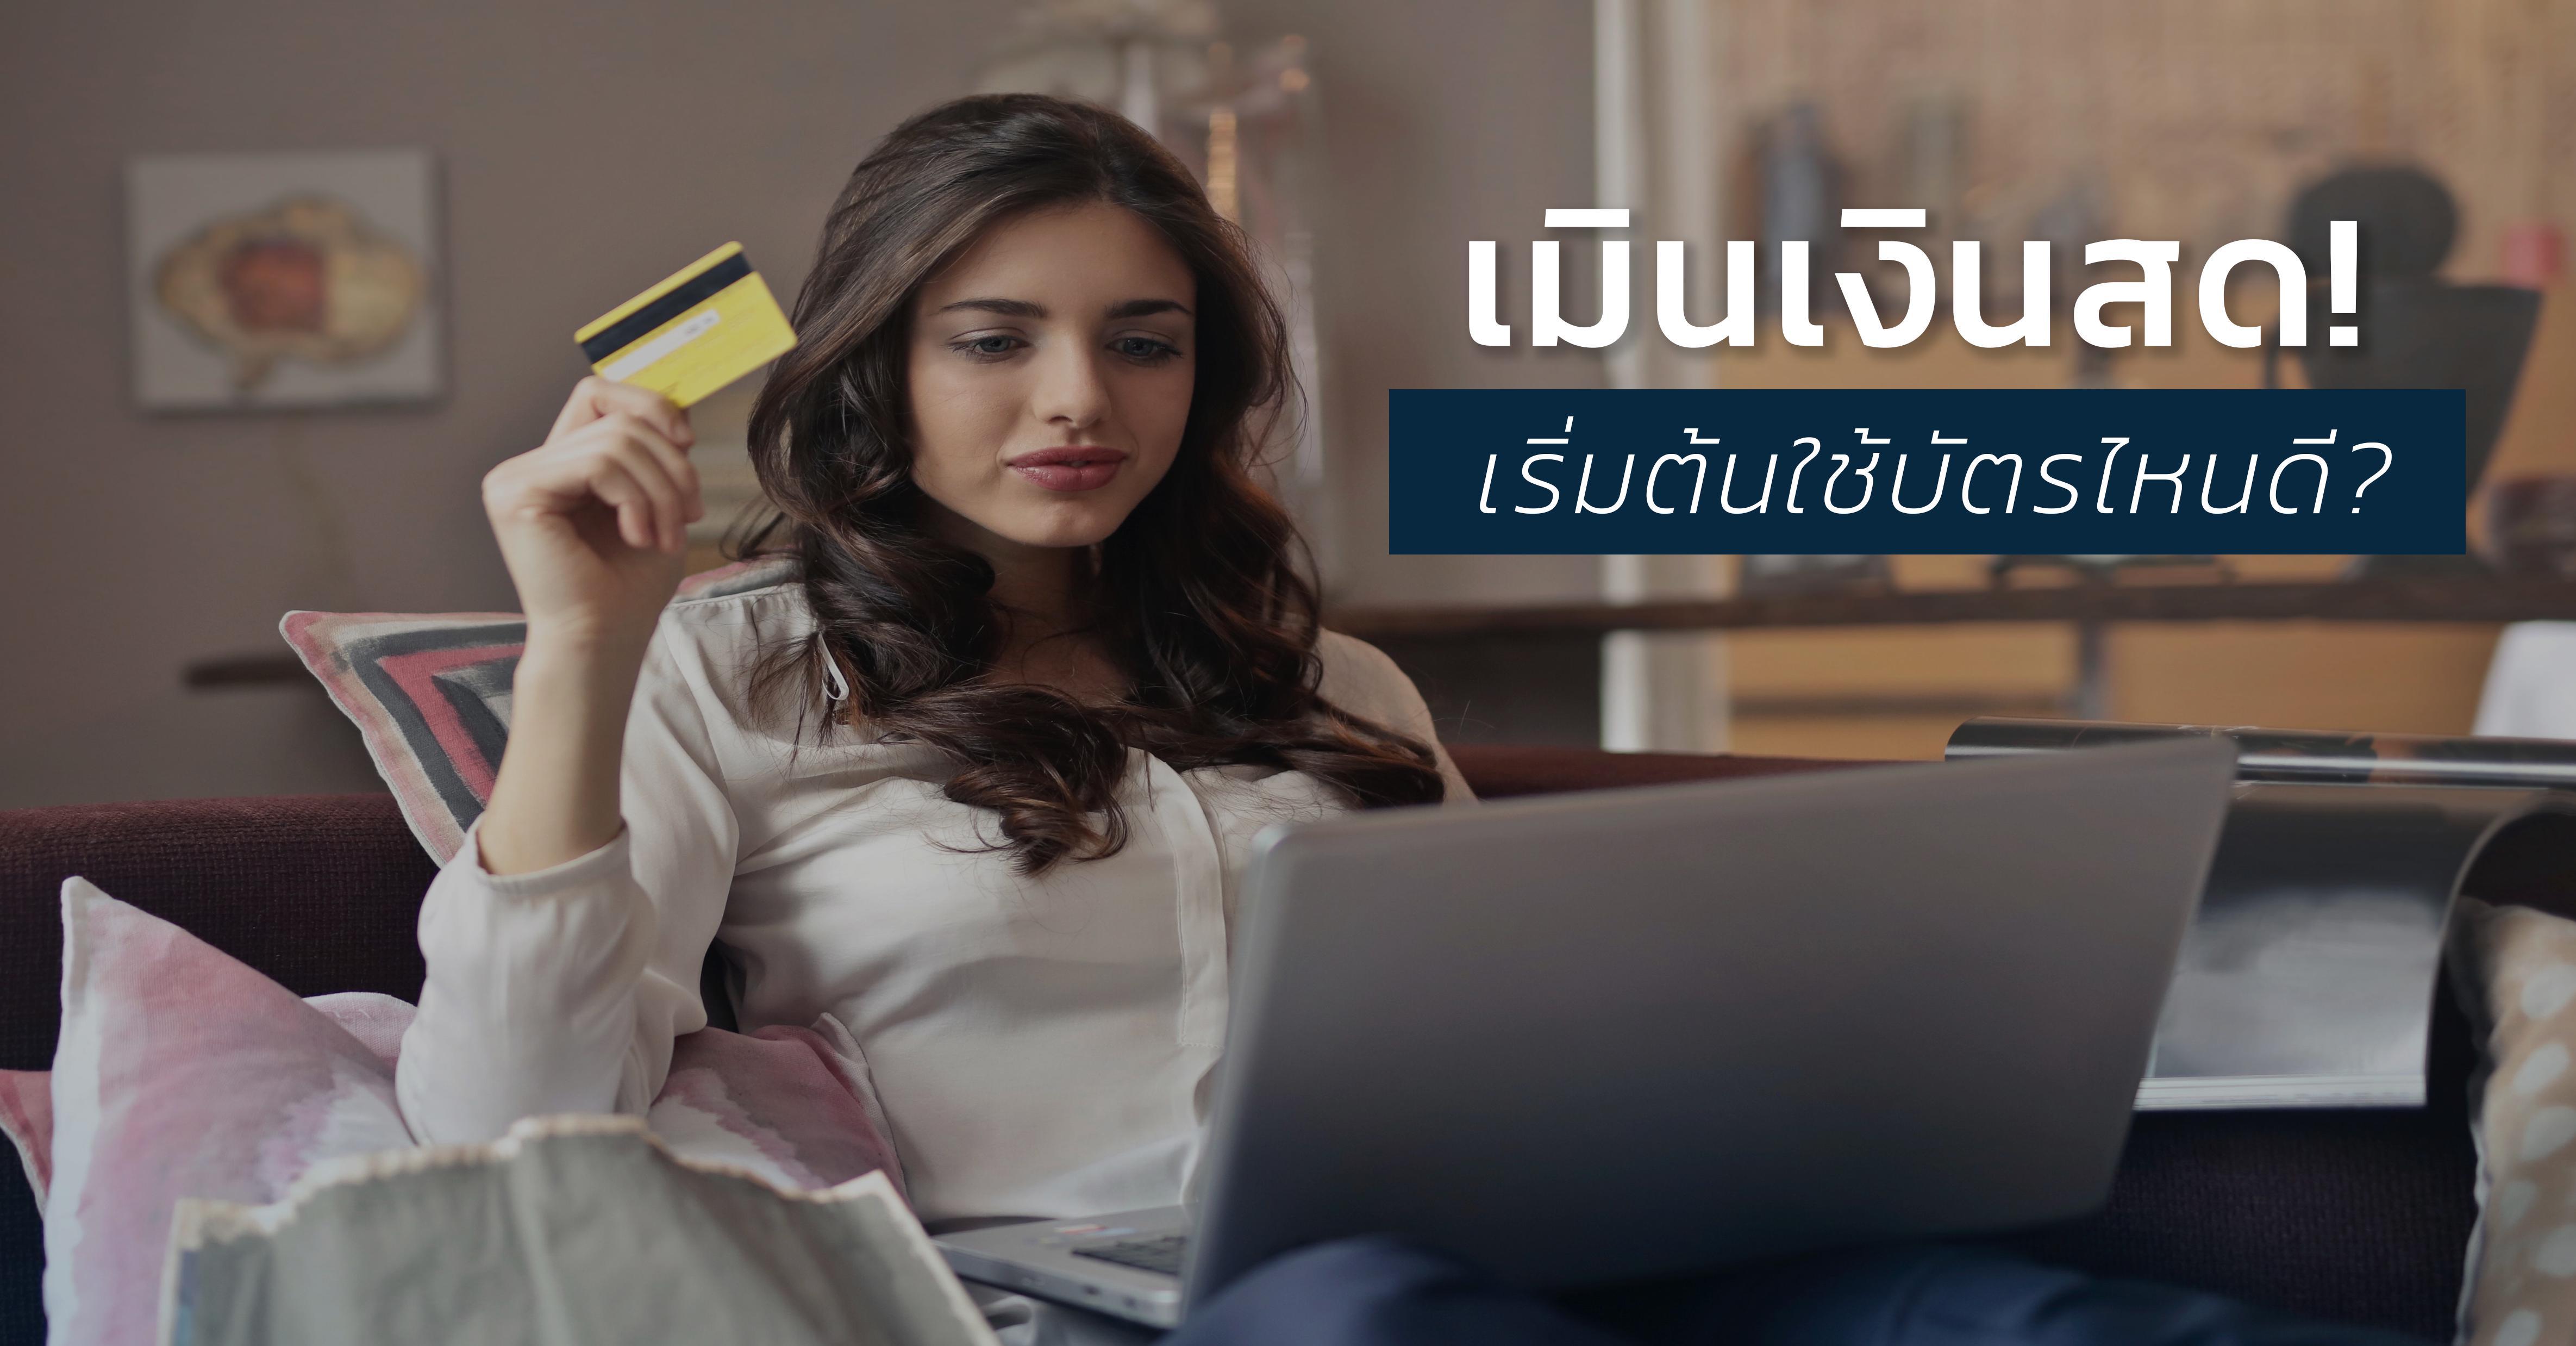 รูปบทความ เมินเงินสด แล้วพกบัตร (เครดิต) : เริ่มต้นใช้ บัตรไหนดี